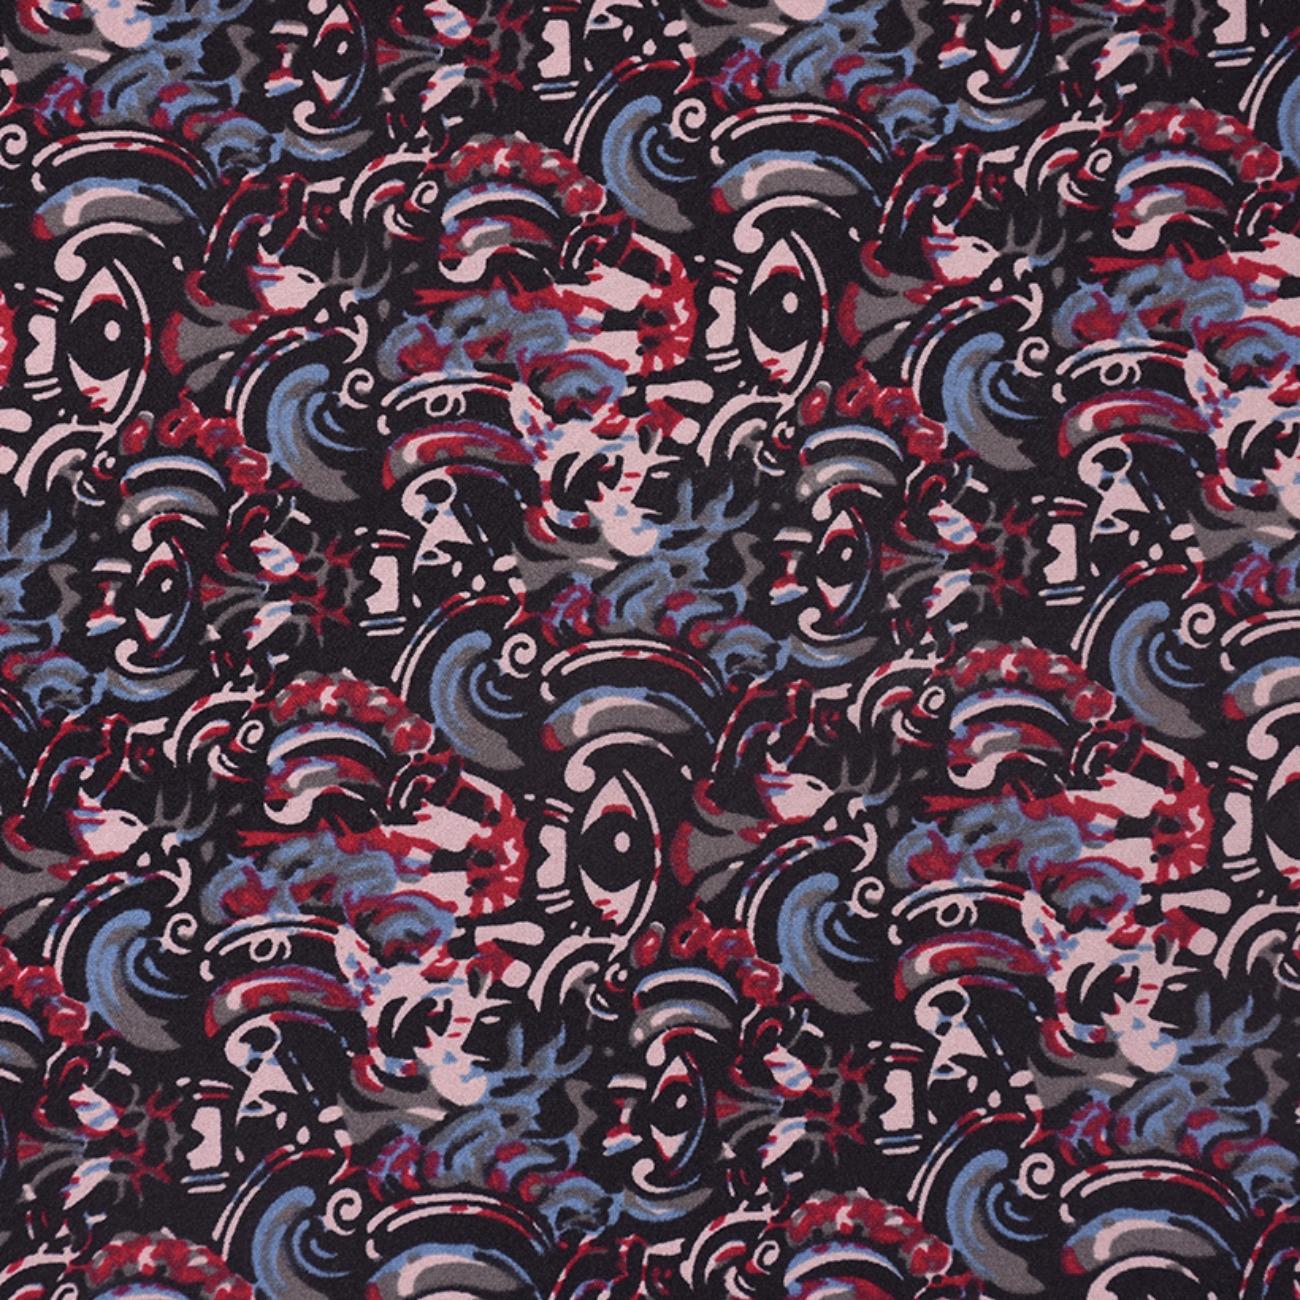 现货抽象印花针织  T恤  针织衫 连衣裙 妈妈装 四面弹柔软圆机纬编单面 60314-17